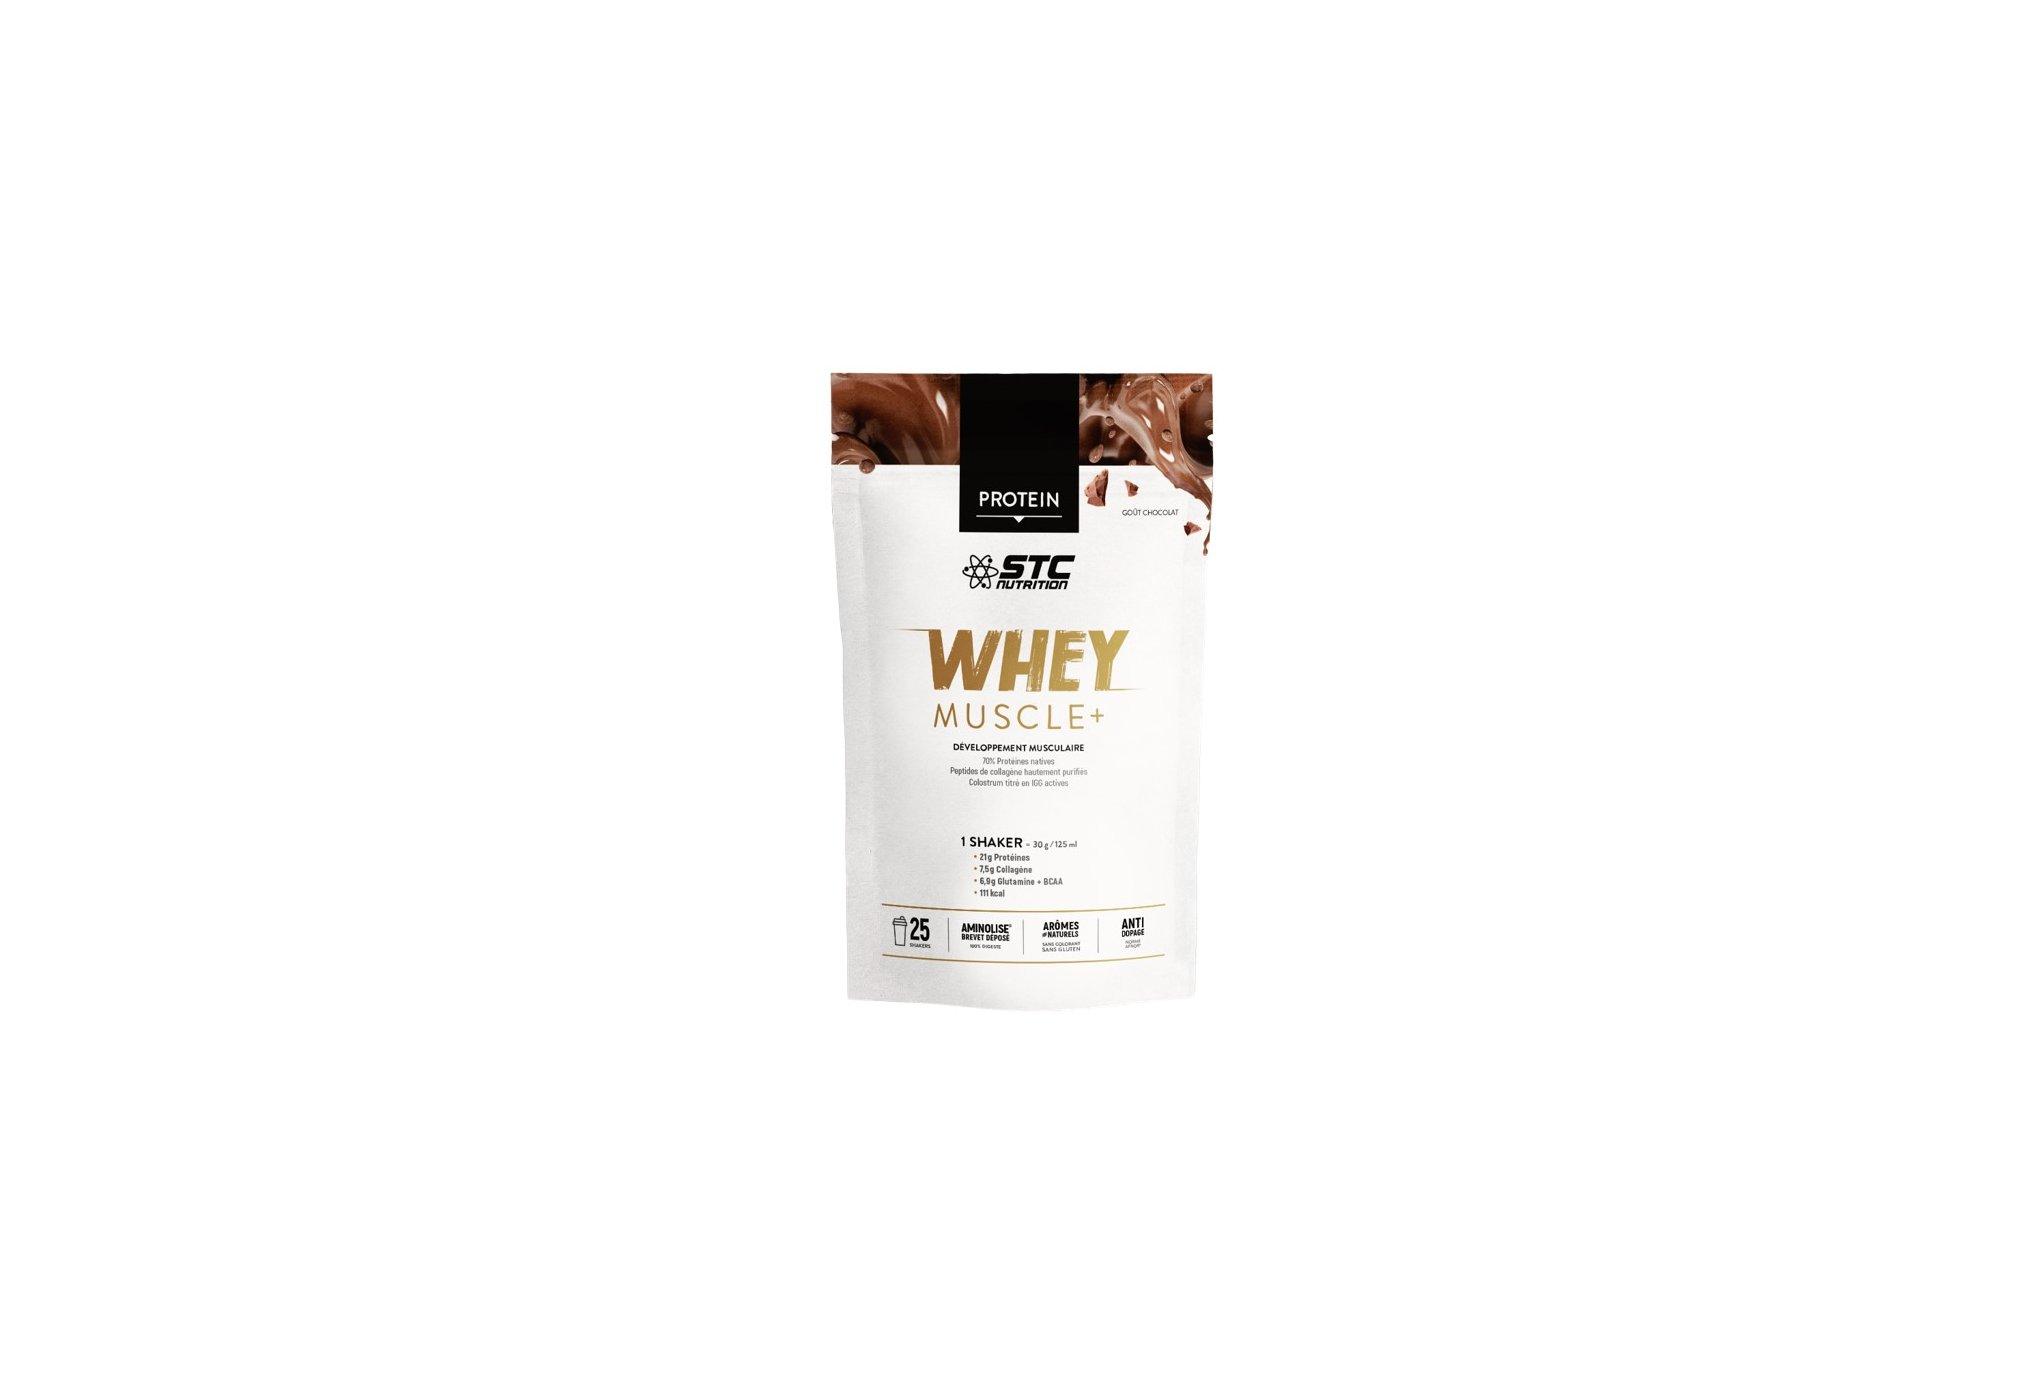 STC Nutrition Whey Muscle+ 750 g - Chocolat Diététique Protéines / récupération